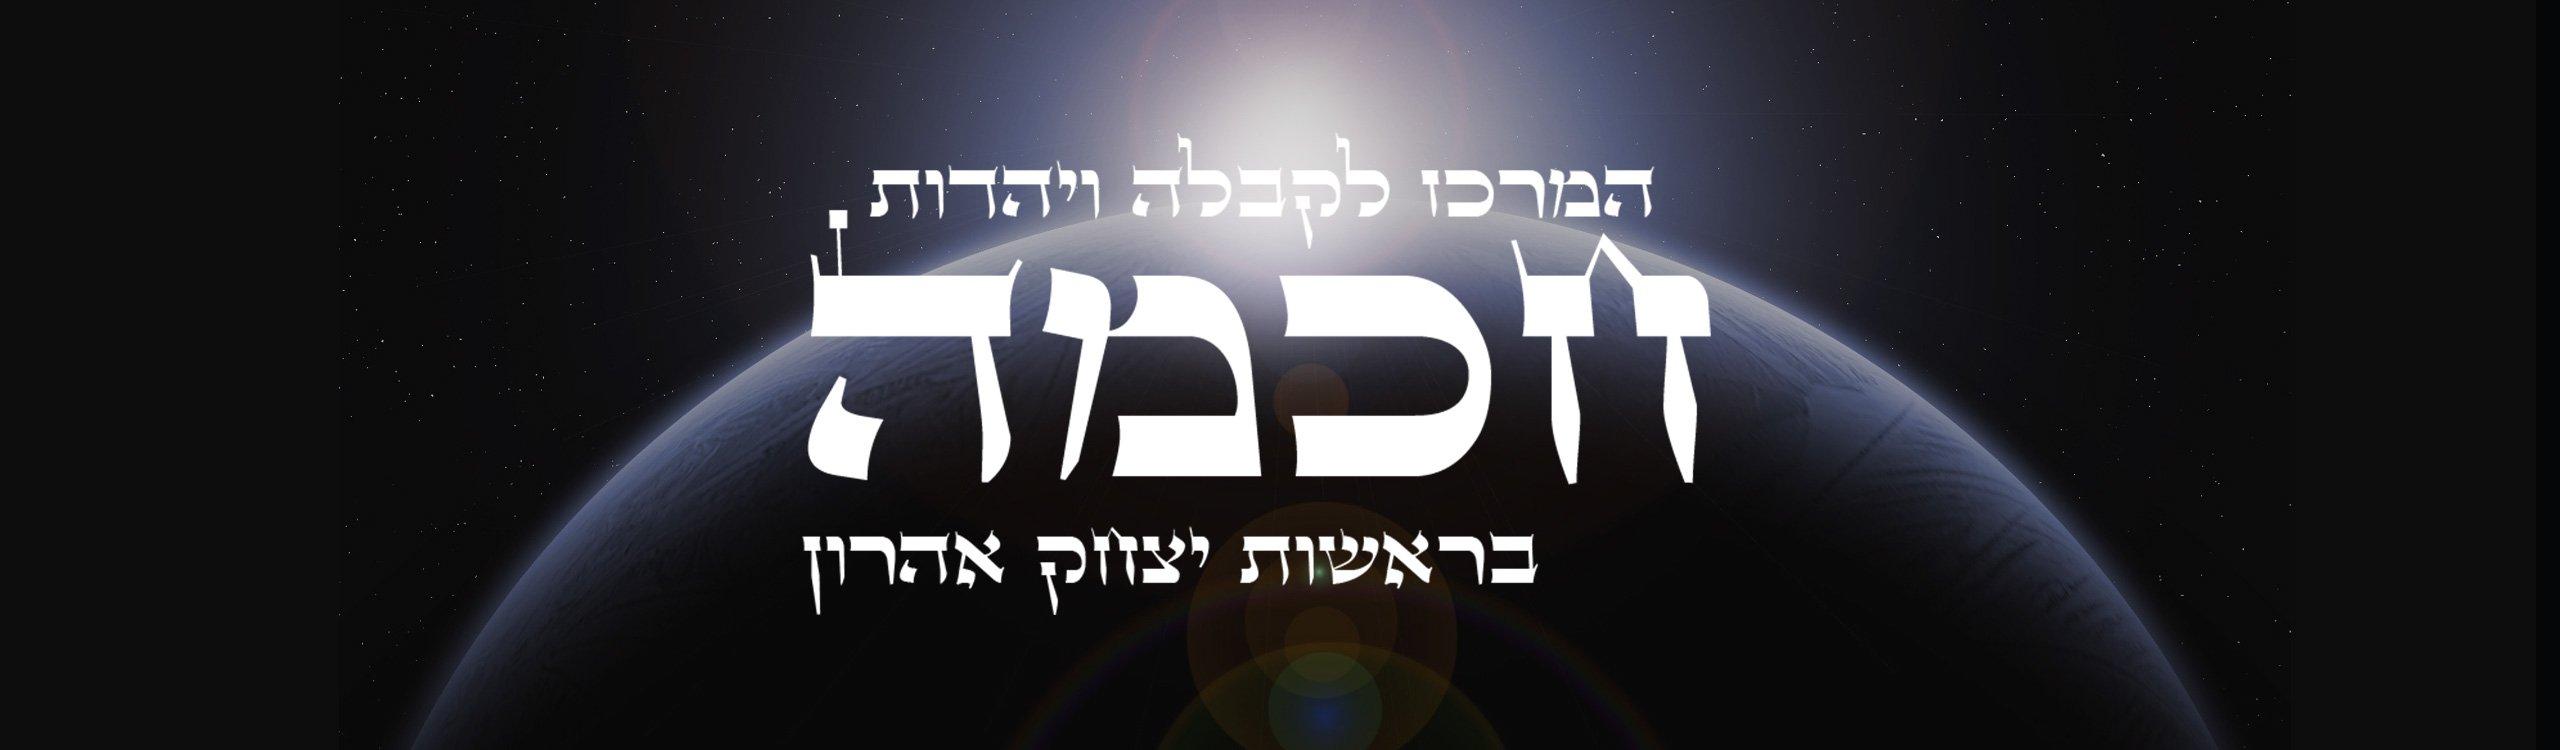 קבלה ויהדות